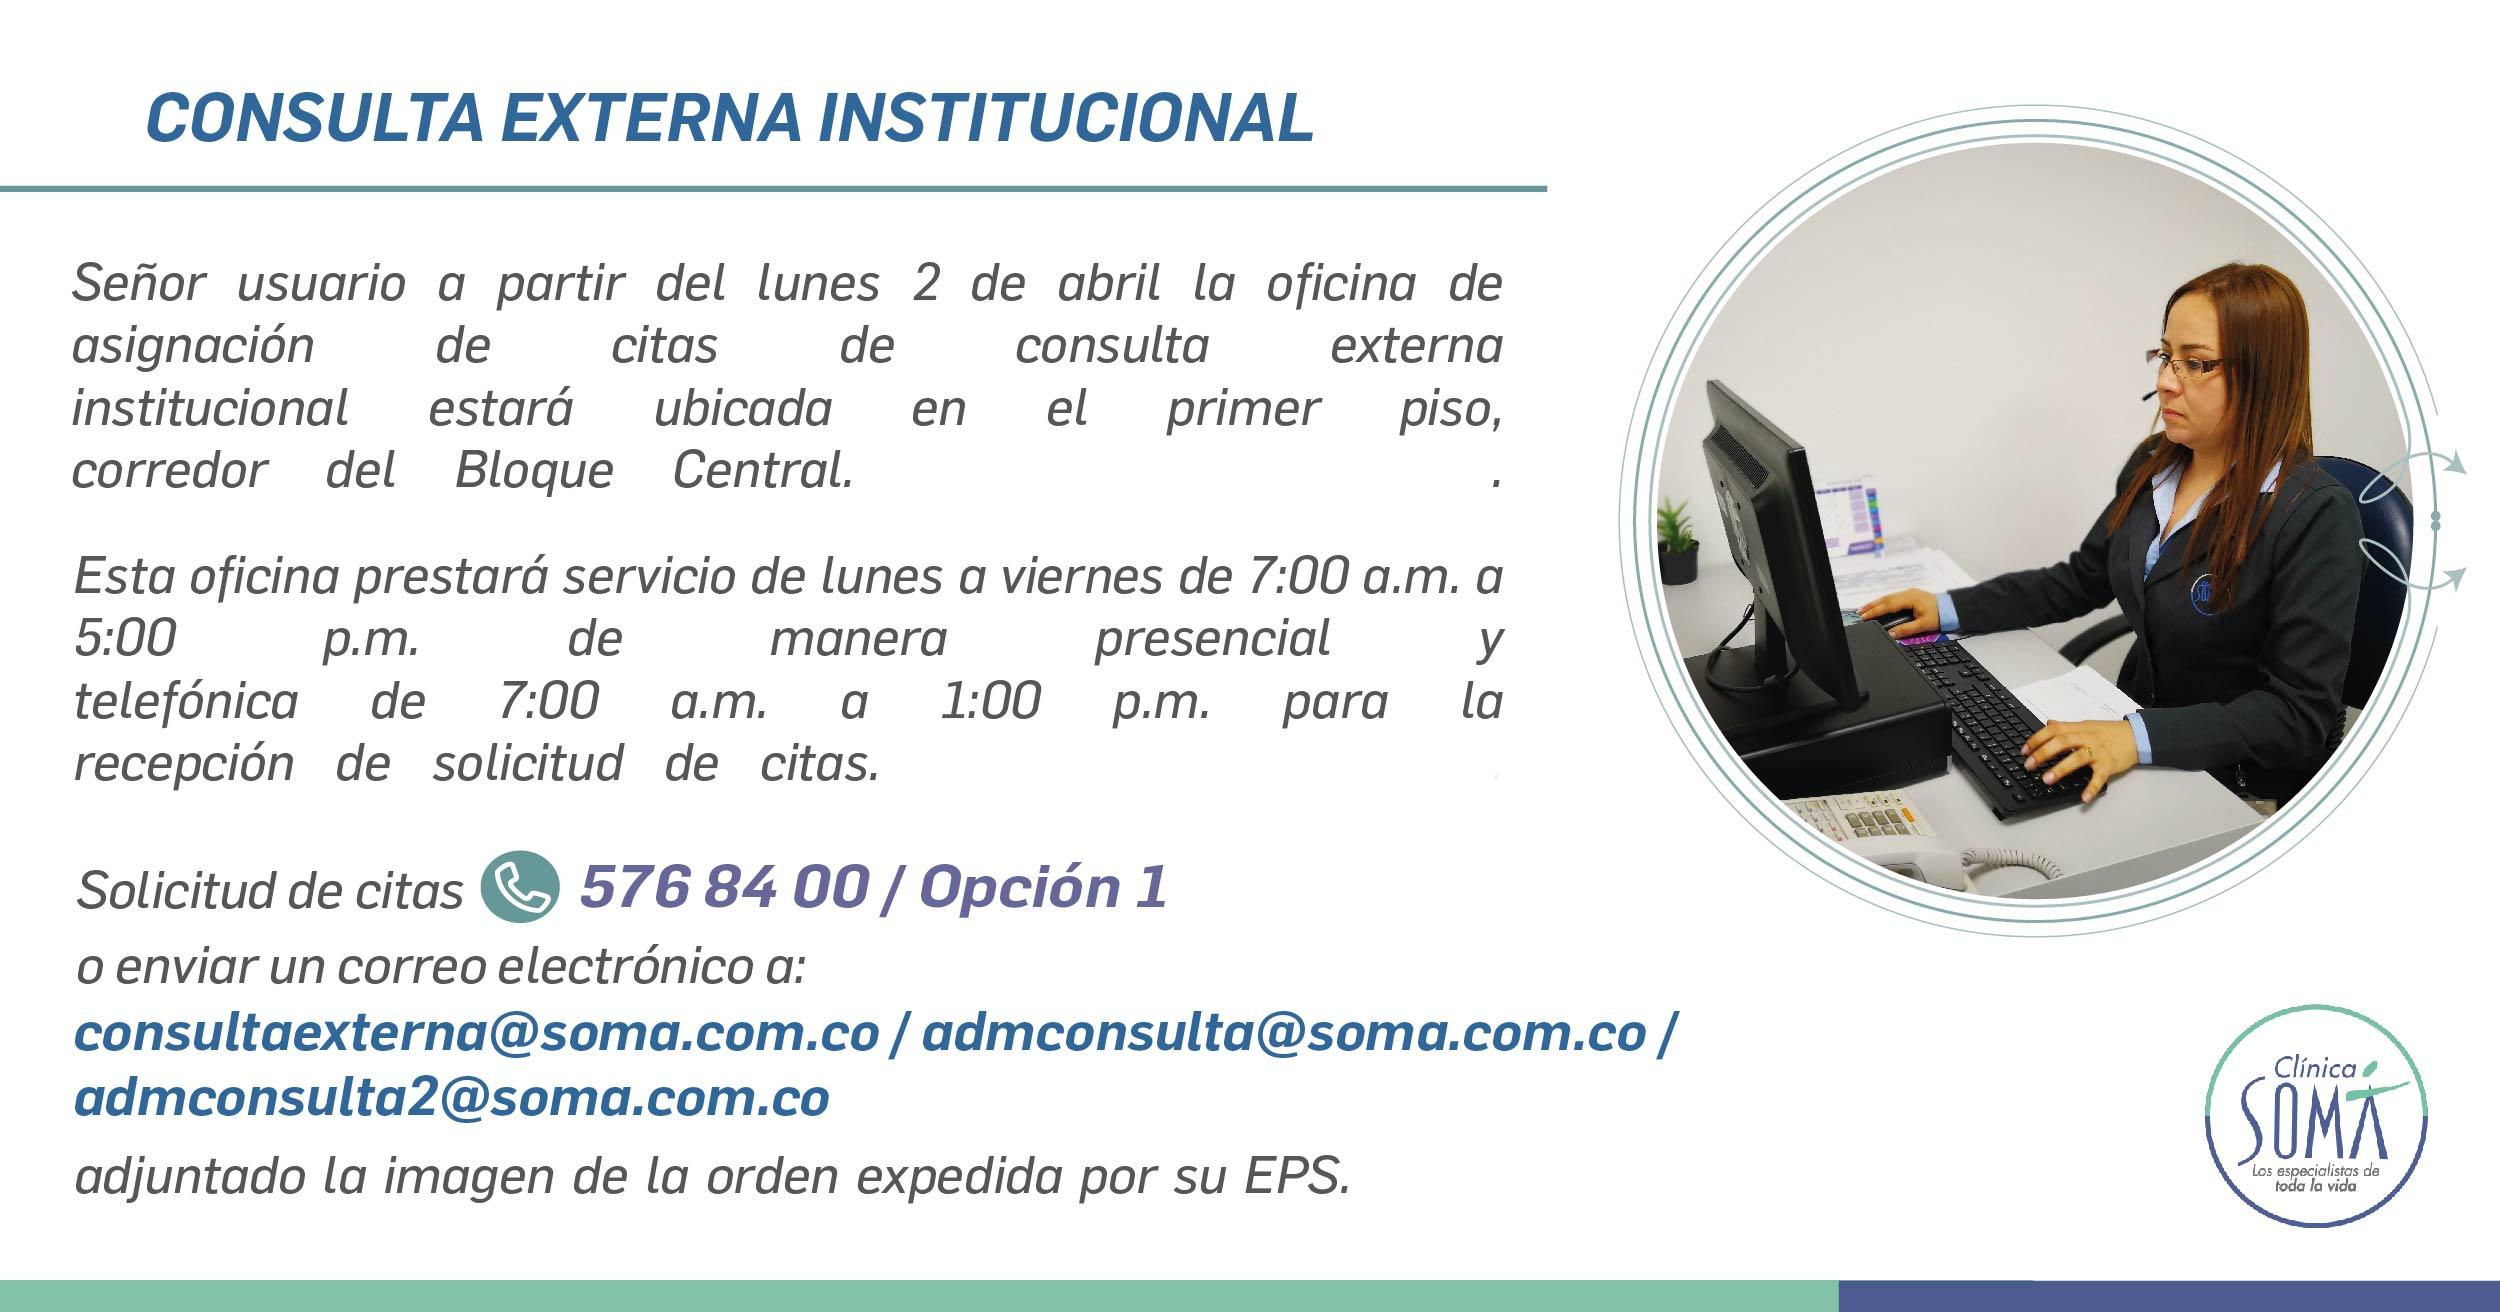 nueva-consulta-externa-institucional